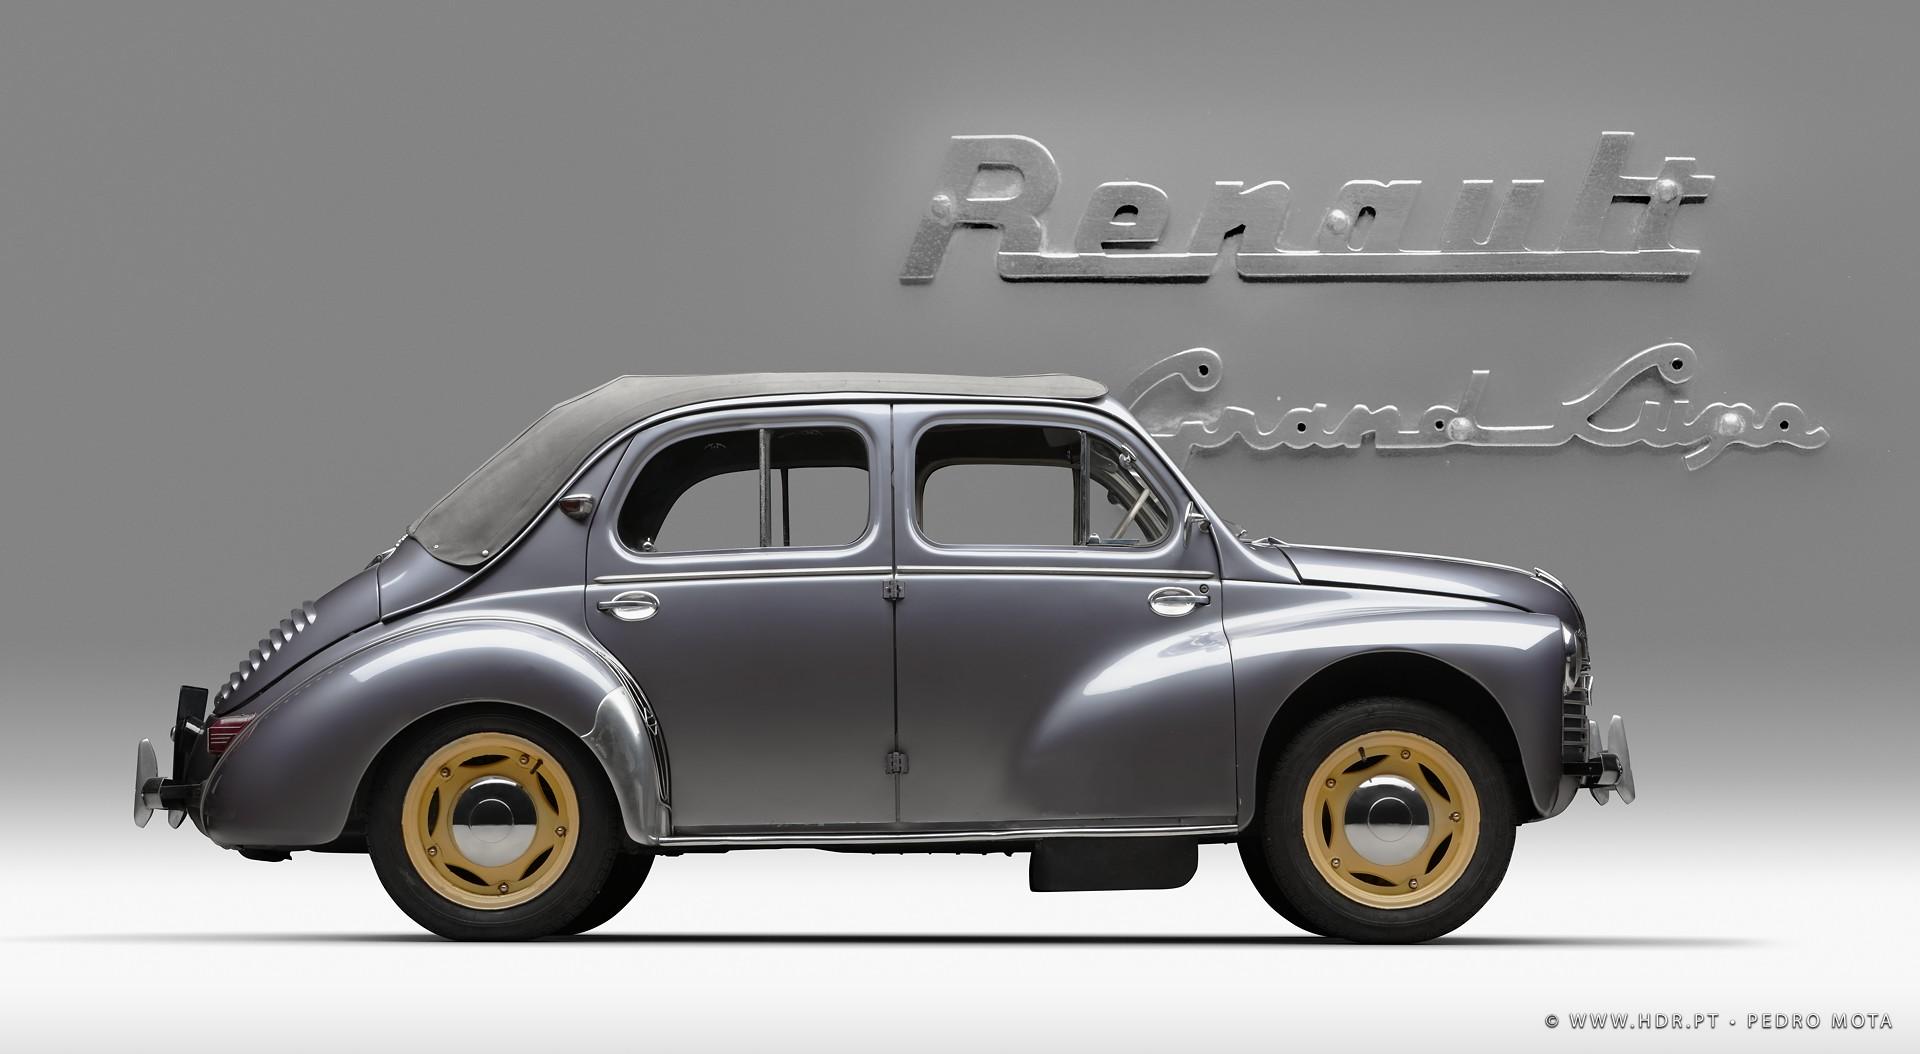 Renault 4cv Joaninha